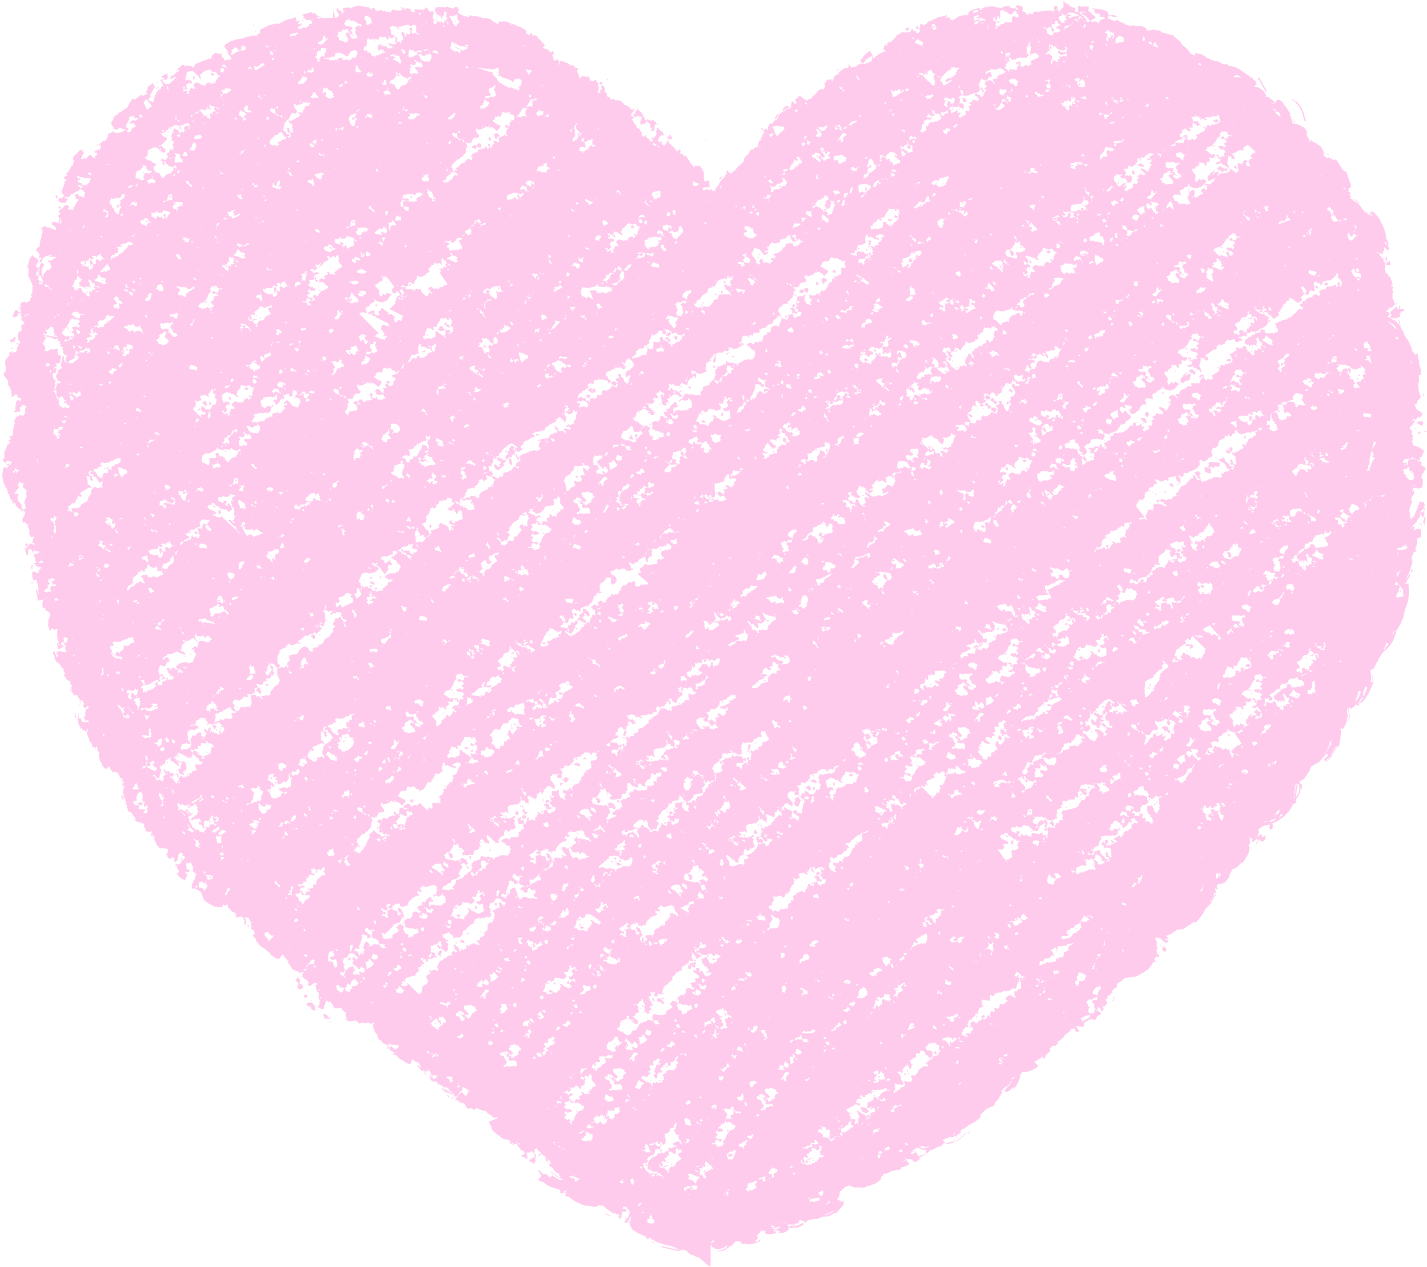 クレヨン塗り背景 パステル 桃色 新(ピンク)ハートのイラスト heart_pink